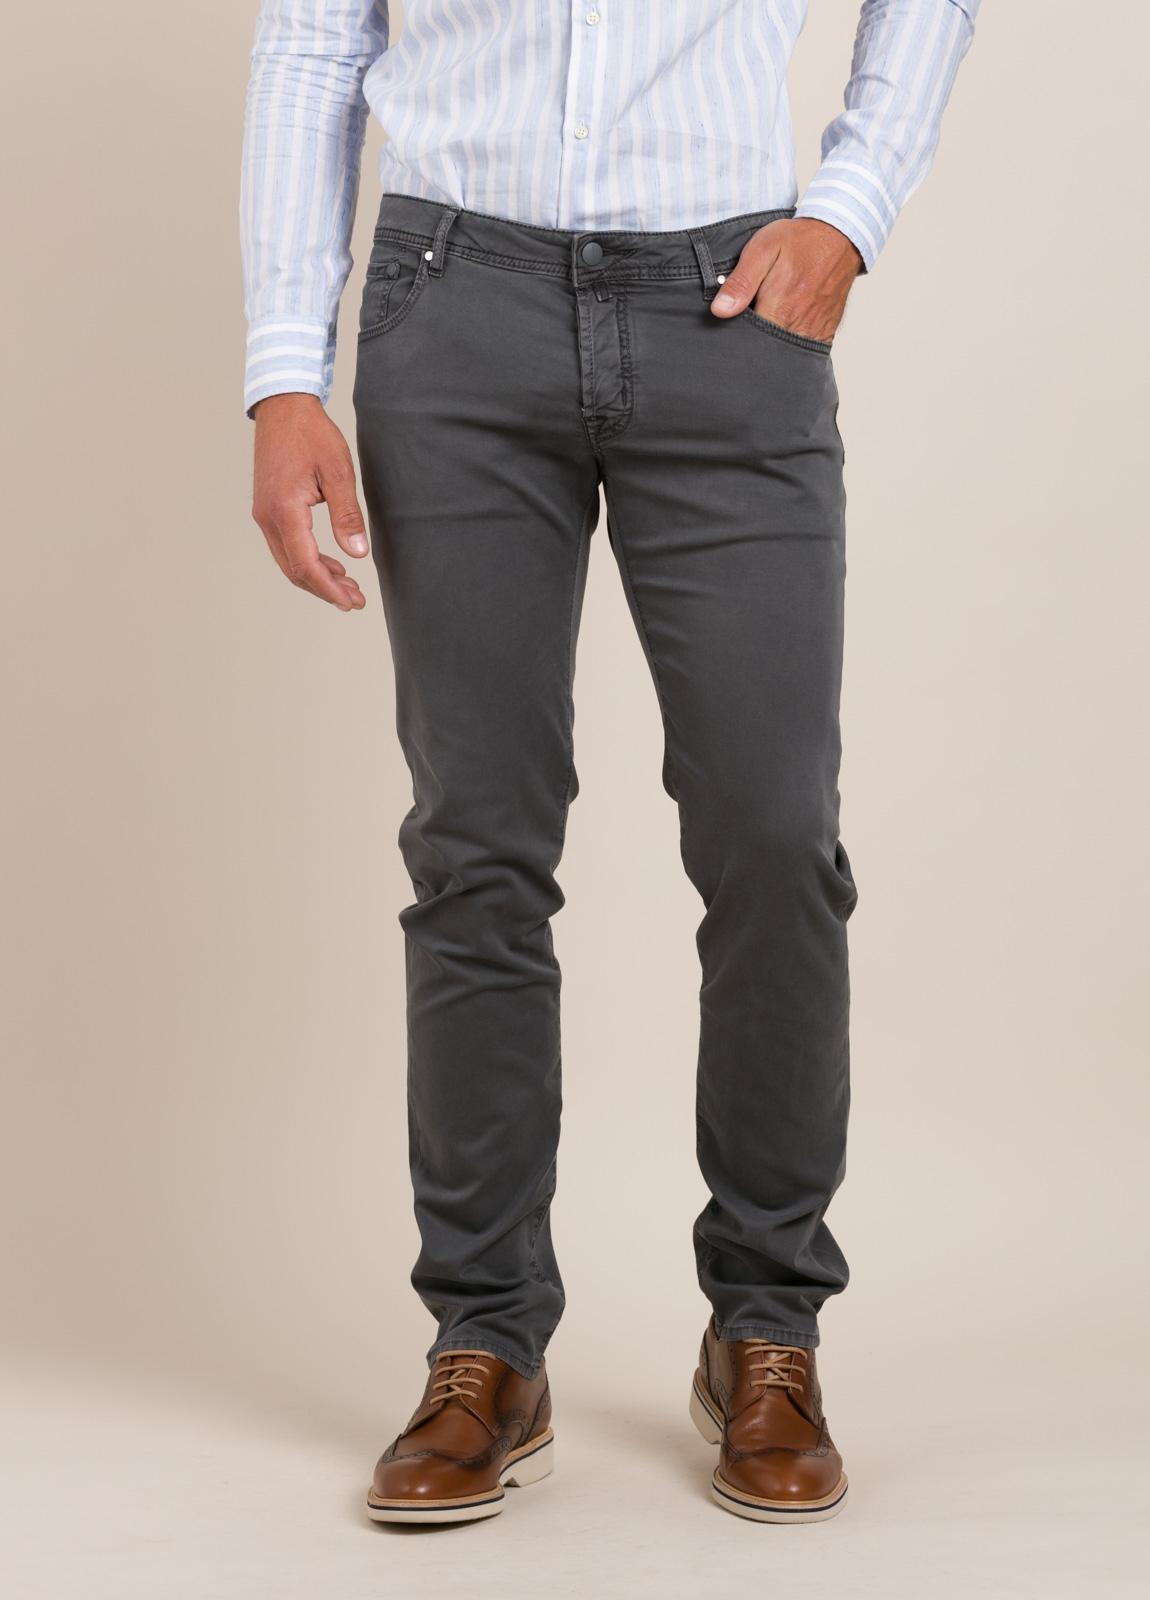 Pantalón tejano JACOB COHEN gris oscuro - Ítem3